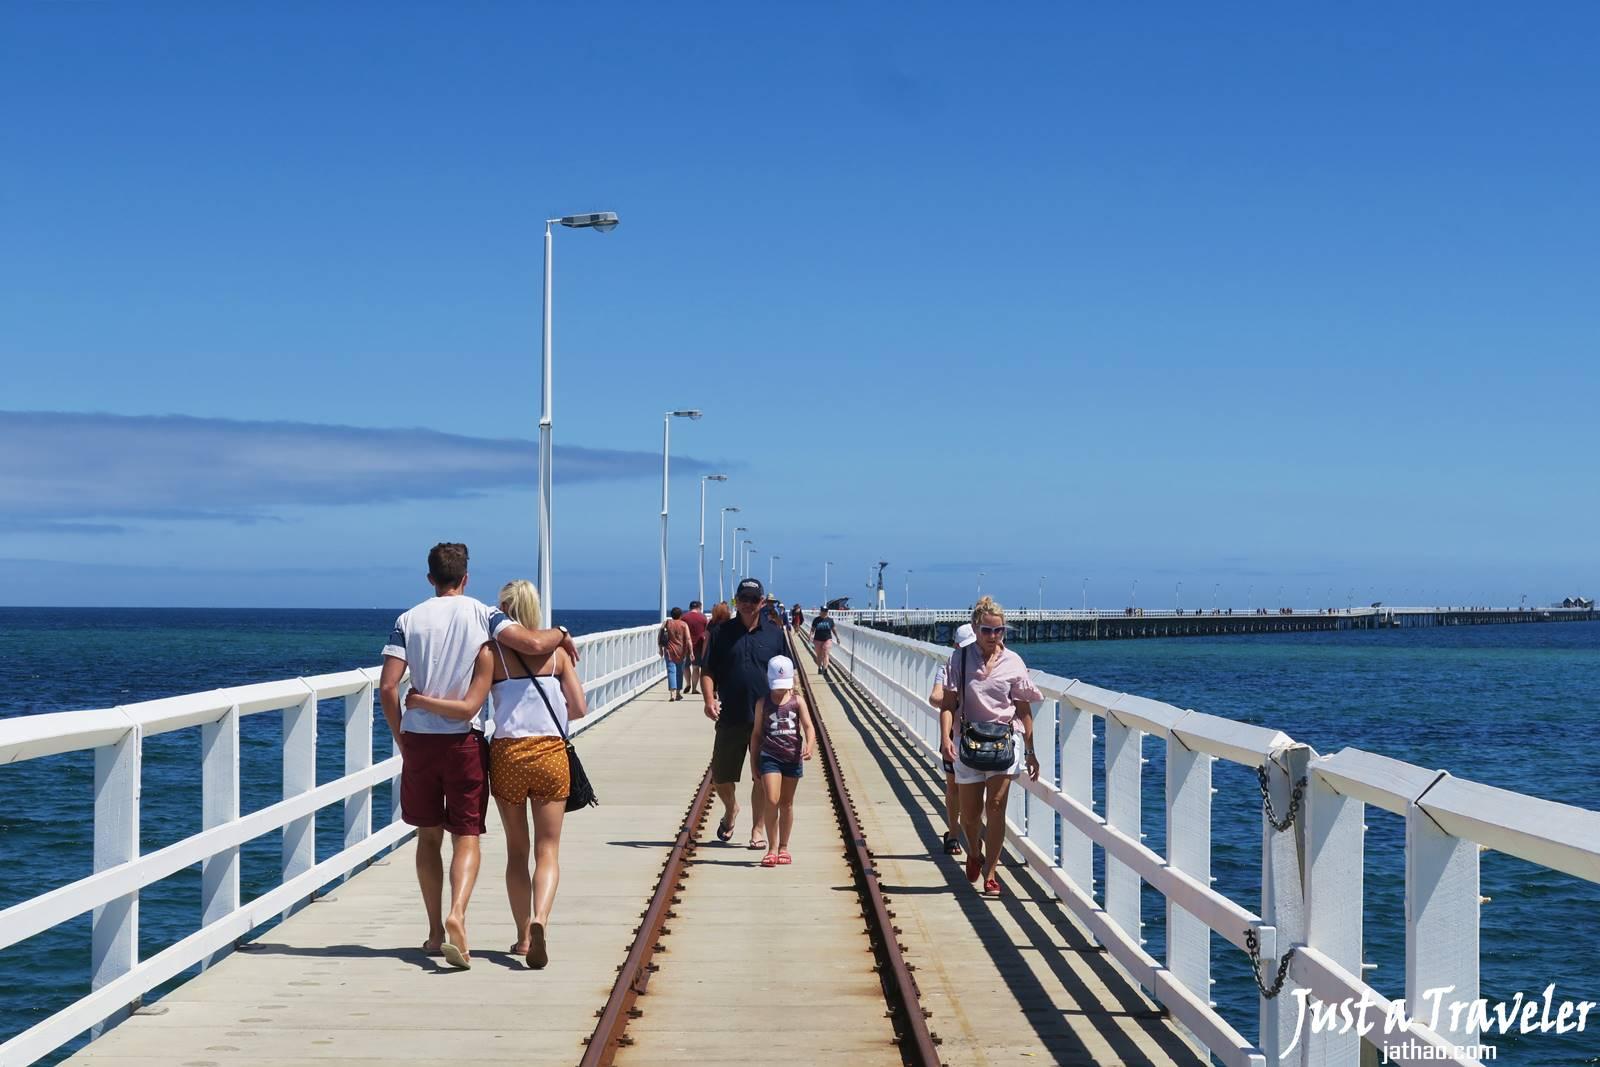 澳洲-伯斯-景點-推薦-巴瑟爾頓長堤-Busselton-Jetty-必玩-必去-自由行-行程-攻略-旅遊-一日遊-二日遊-Perth-Travel-Tourist-Attraction